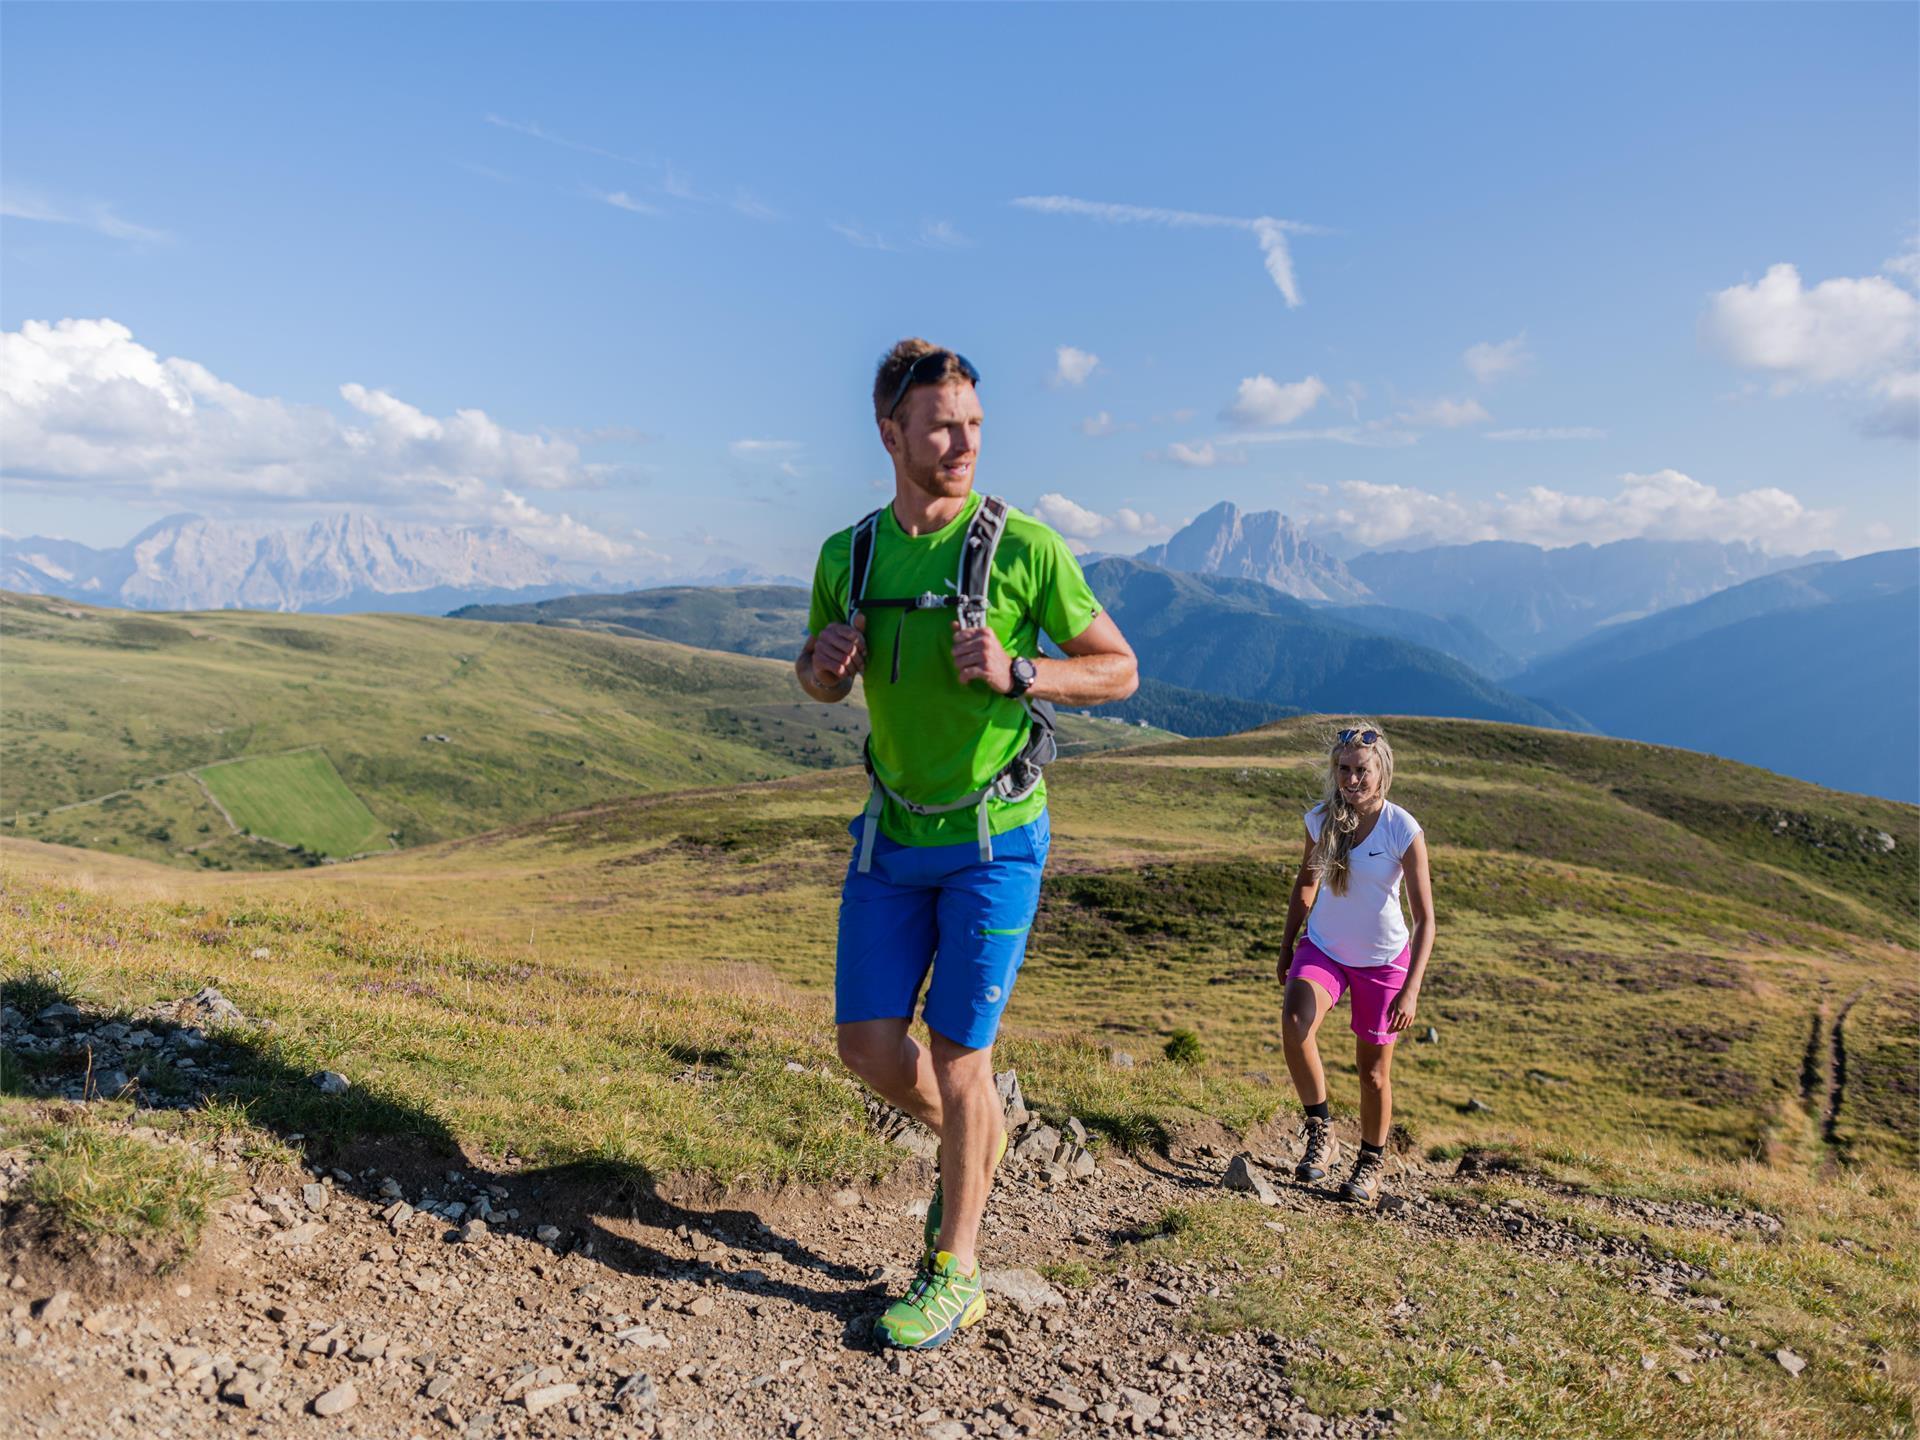 KRON AKTIV High mountain hiking tour in the Dolomites